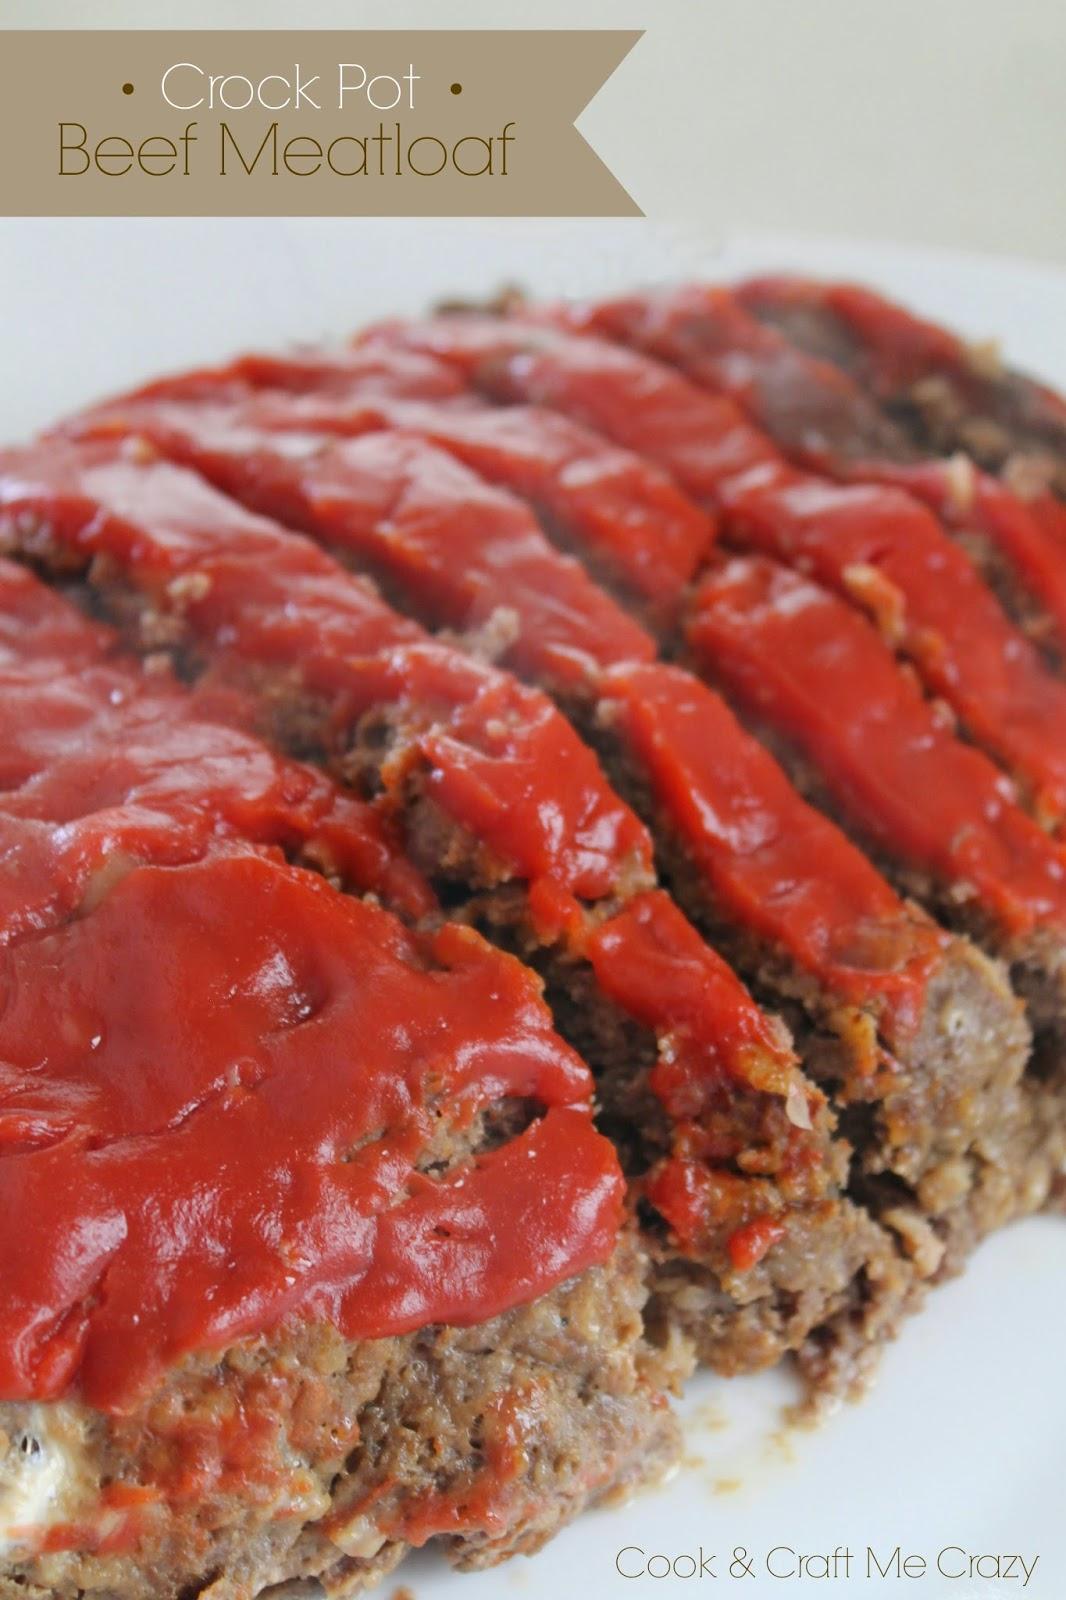 Cook And Craft Me Crazy Crock Pot Beef Meatloaf